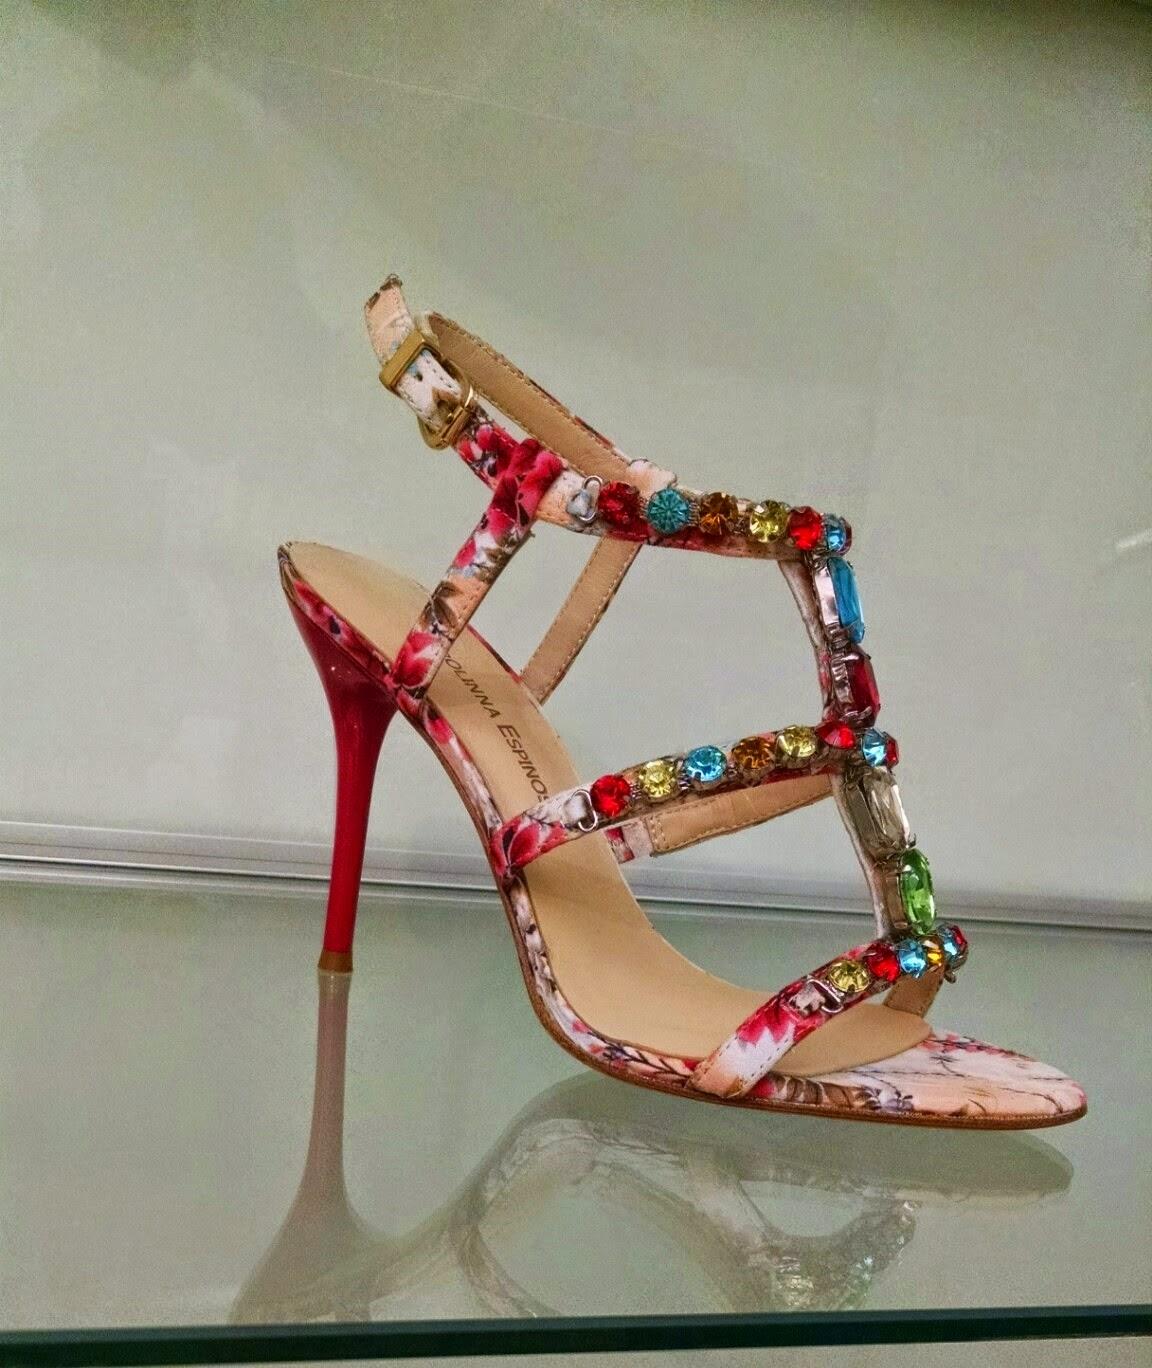 Carolinna Espinosa Jeweled Floral Sandal